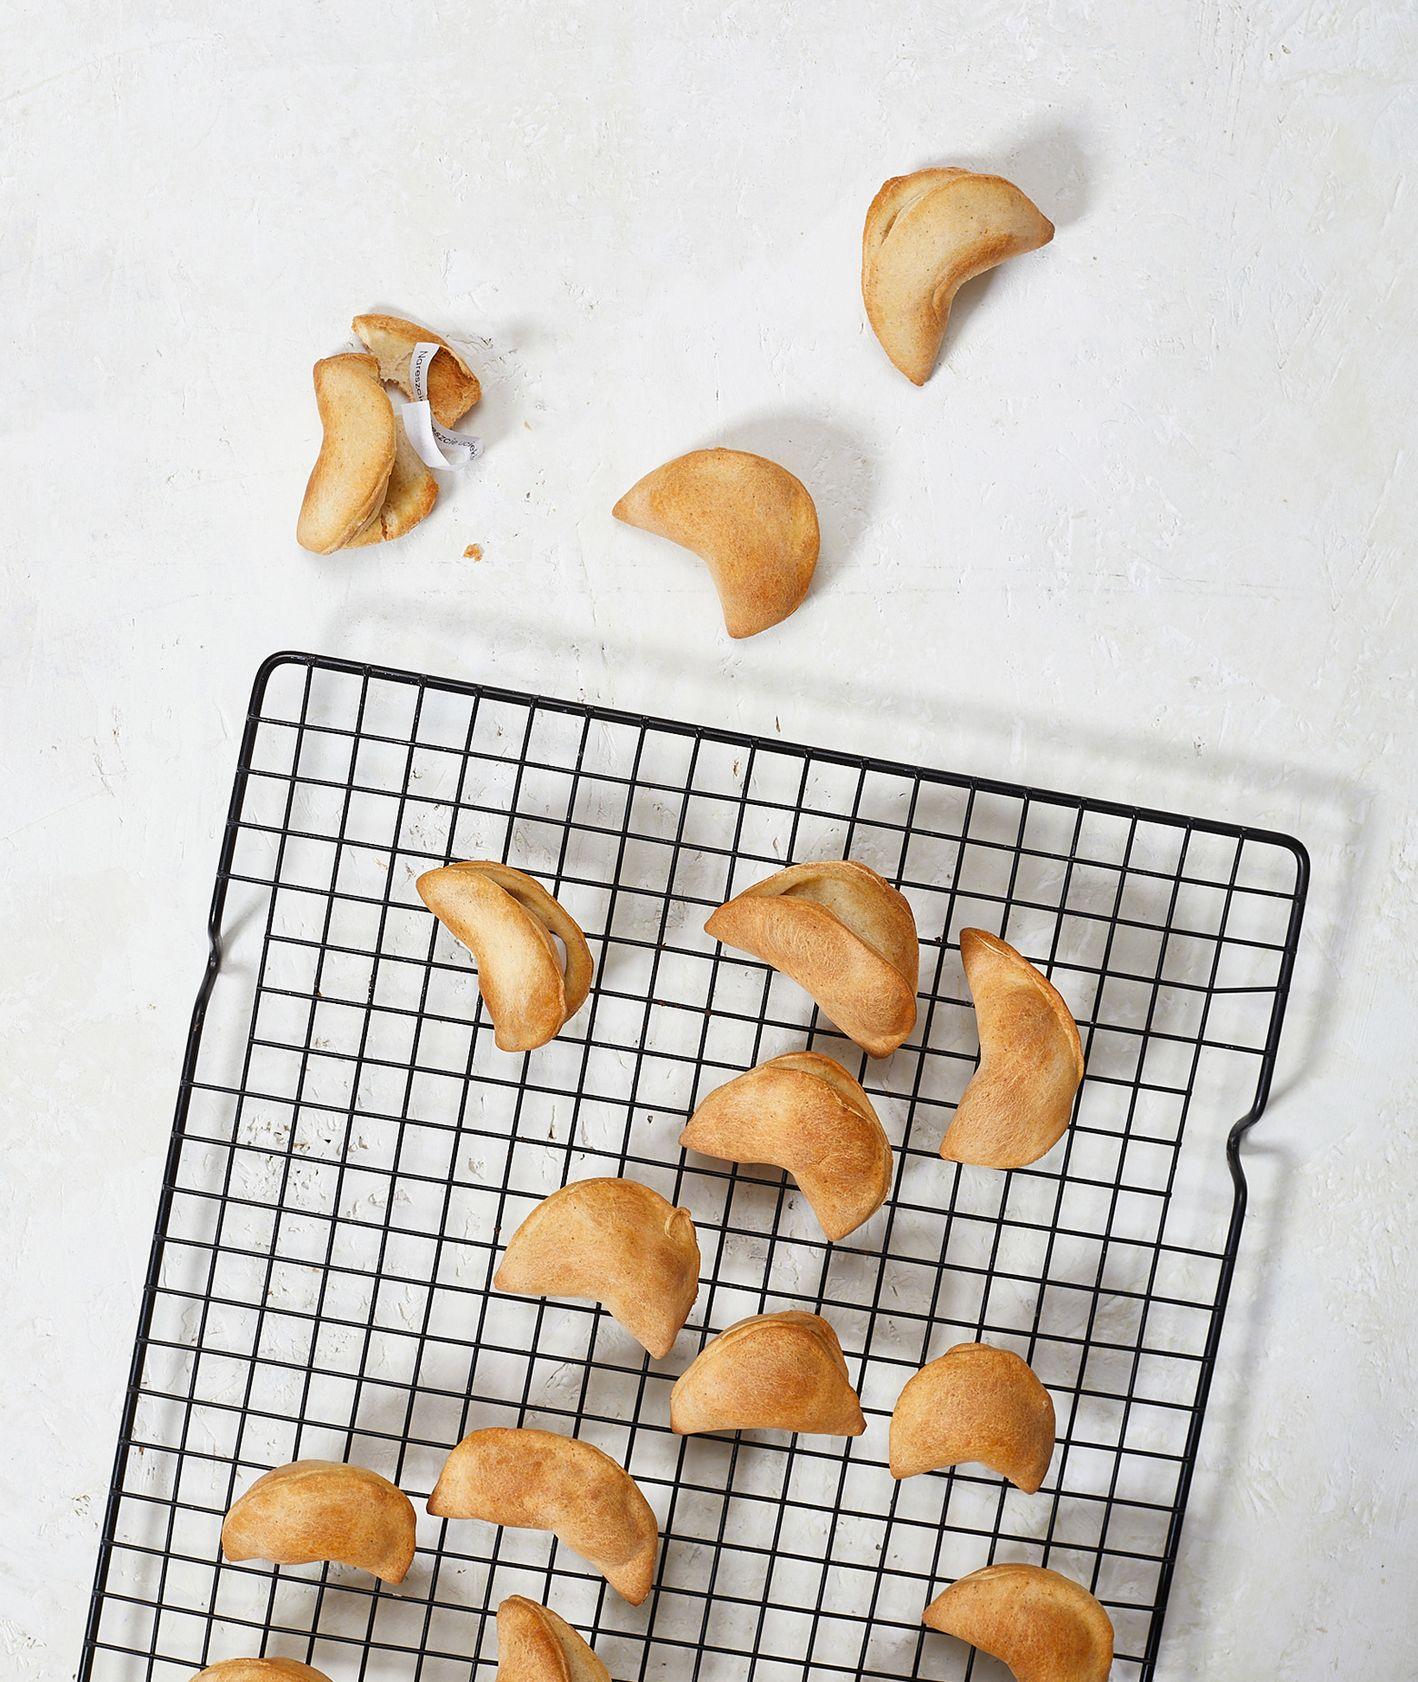 Ciasteczka z wróżbą - przepis. (fot. Maciek NIemojewski)